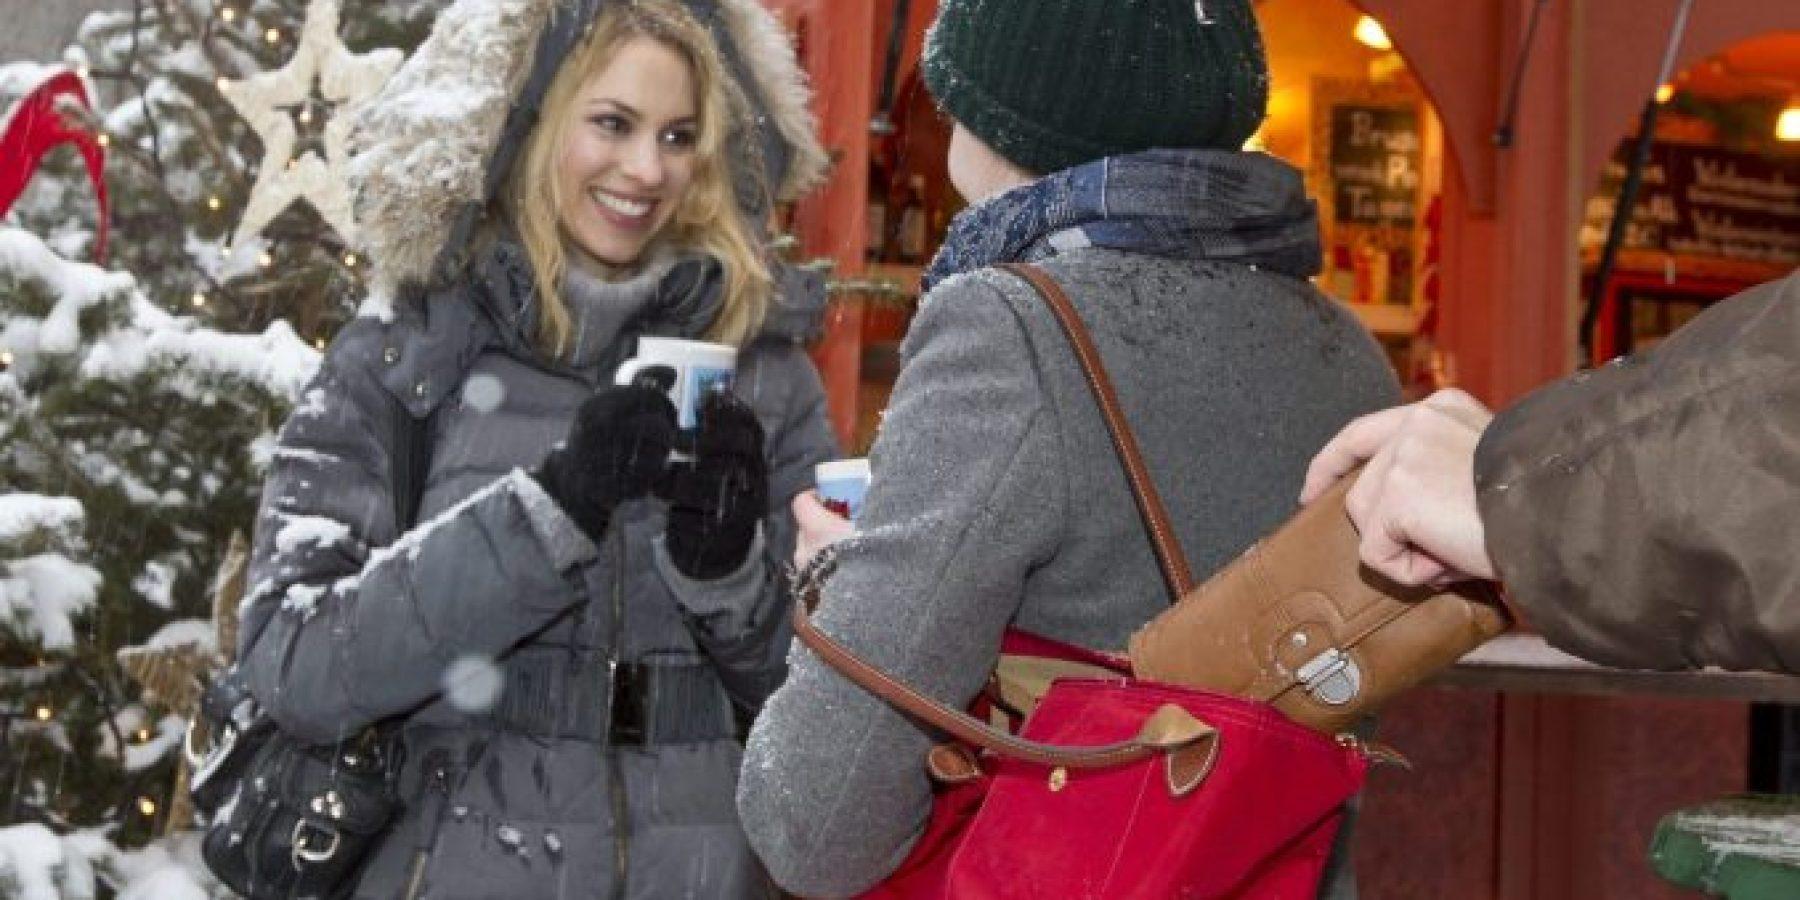 Taschendiebe auf dem Weihnachtsmarkt